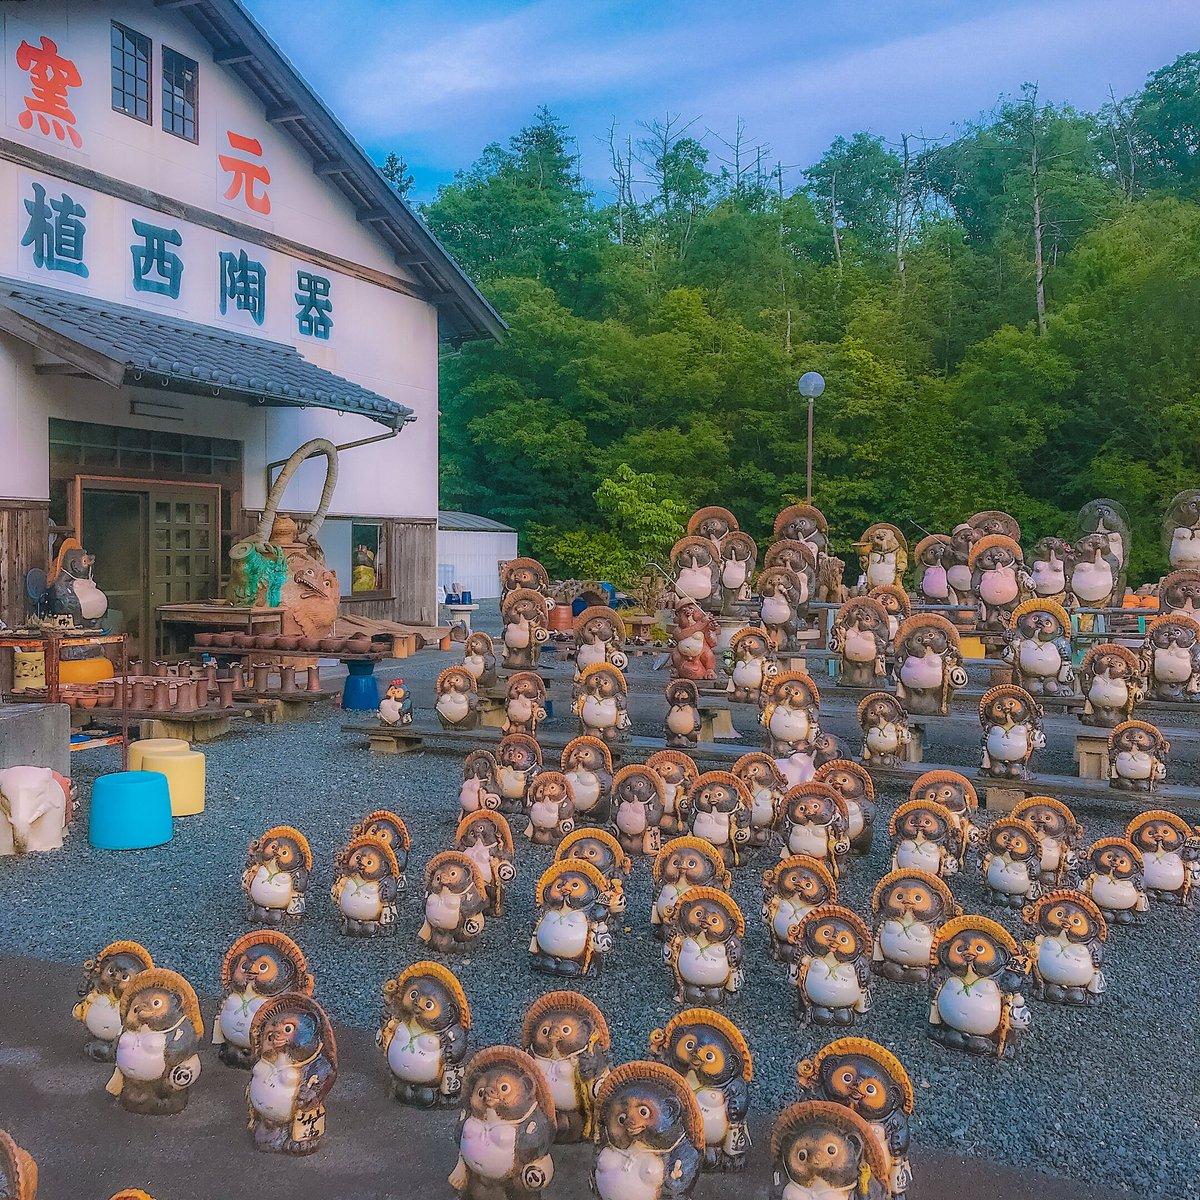 滋賀県信楽町で出会った信楽焼のタヌキ達=꒱‧*  可愛いタヌキから怖い顔のタヌキまで勢揃いで、店内にも素敵な工芸品がズラリと並んでいました クーちゃんもタヌキと一緒に  #犬とお出かけ pic.twitter.com/DrpwLadLFh